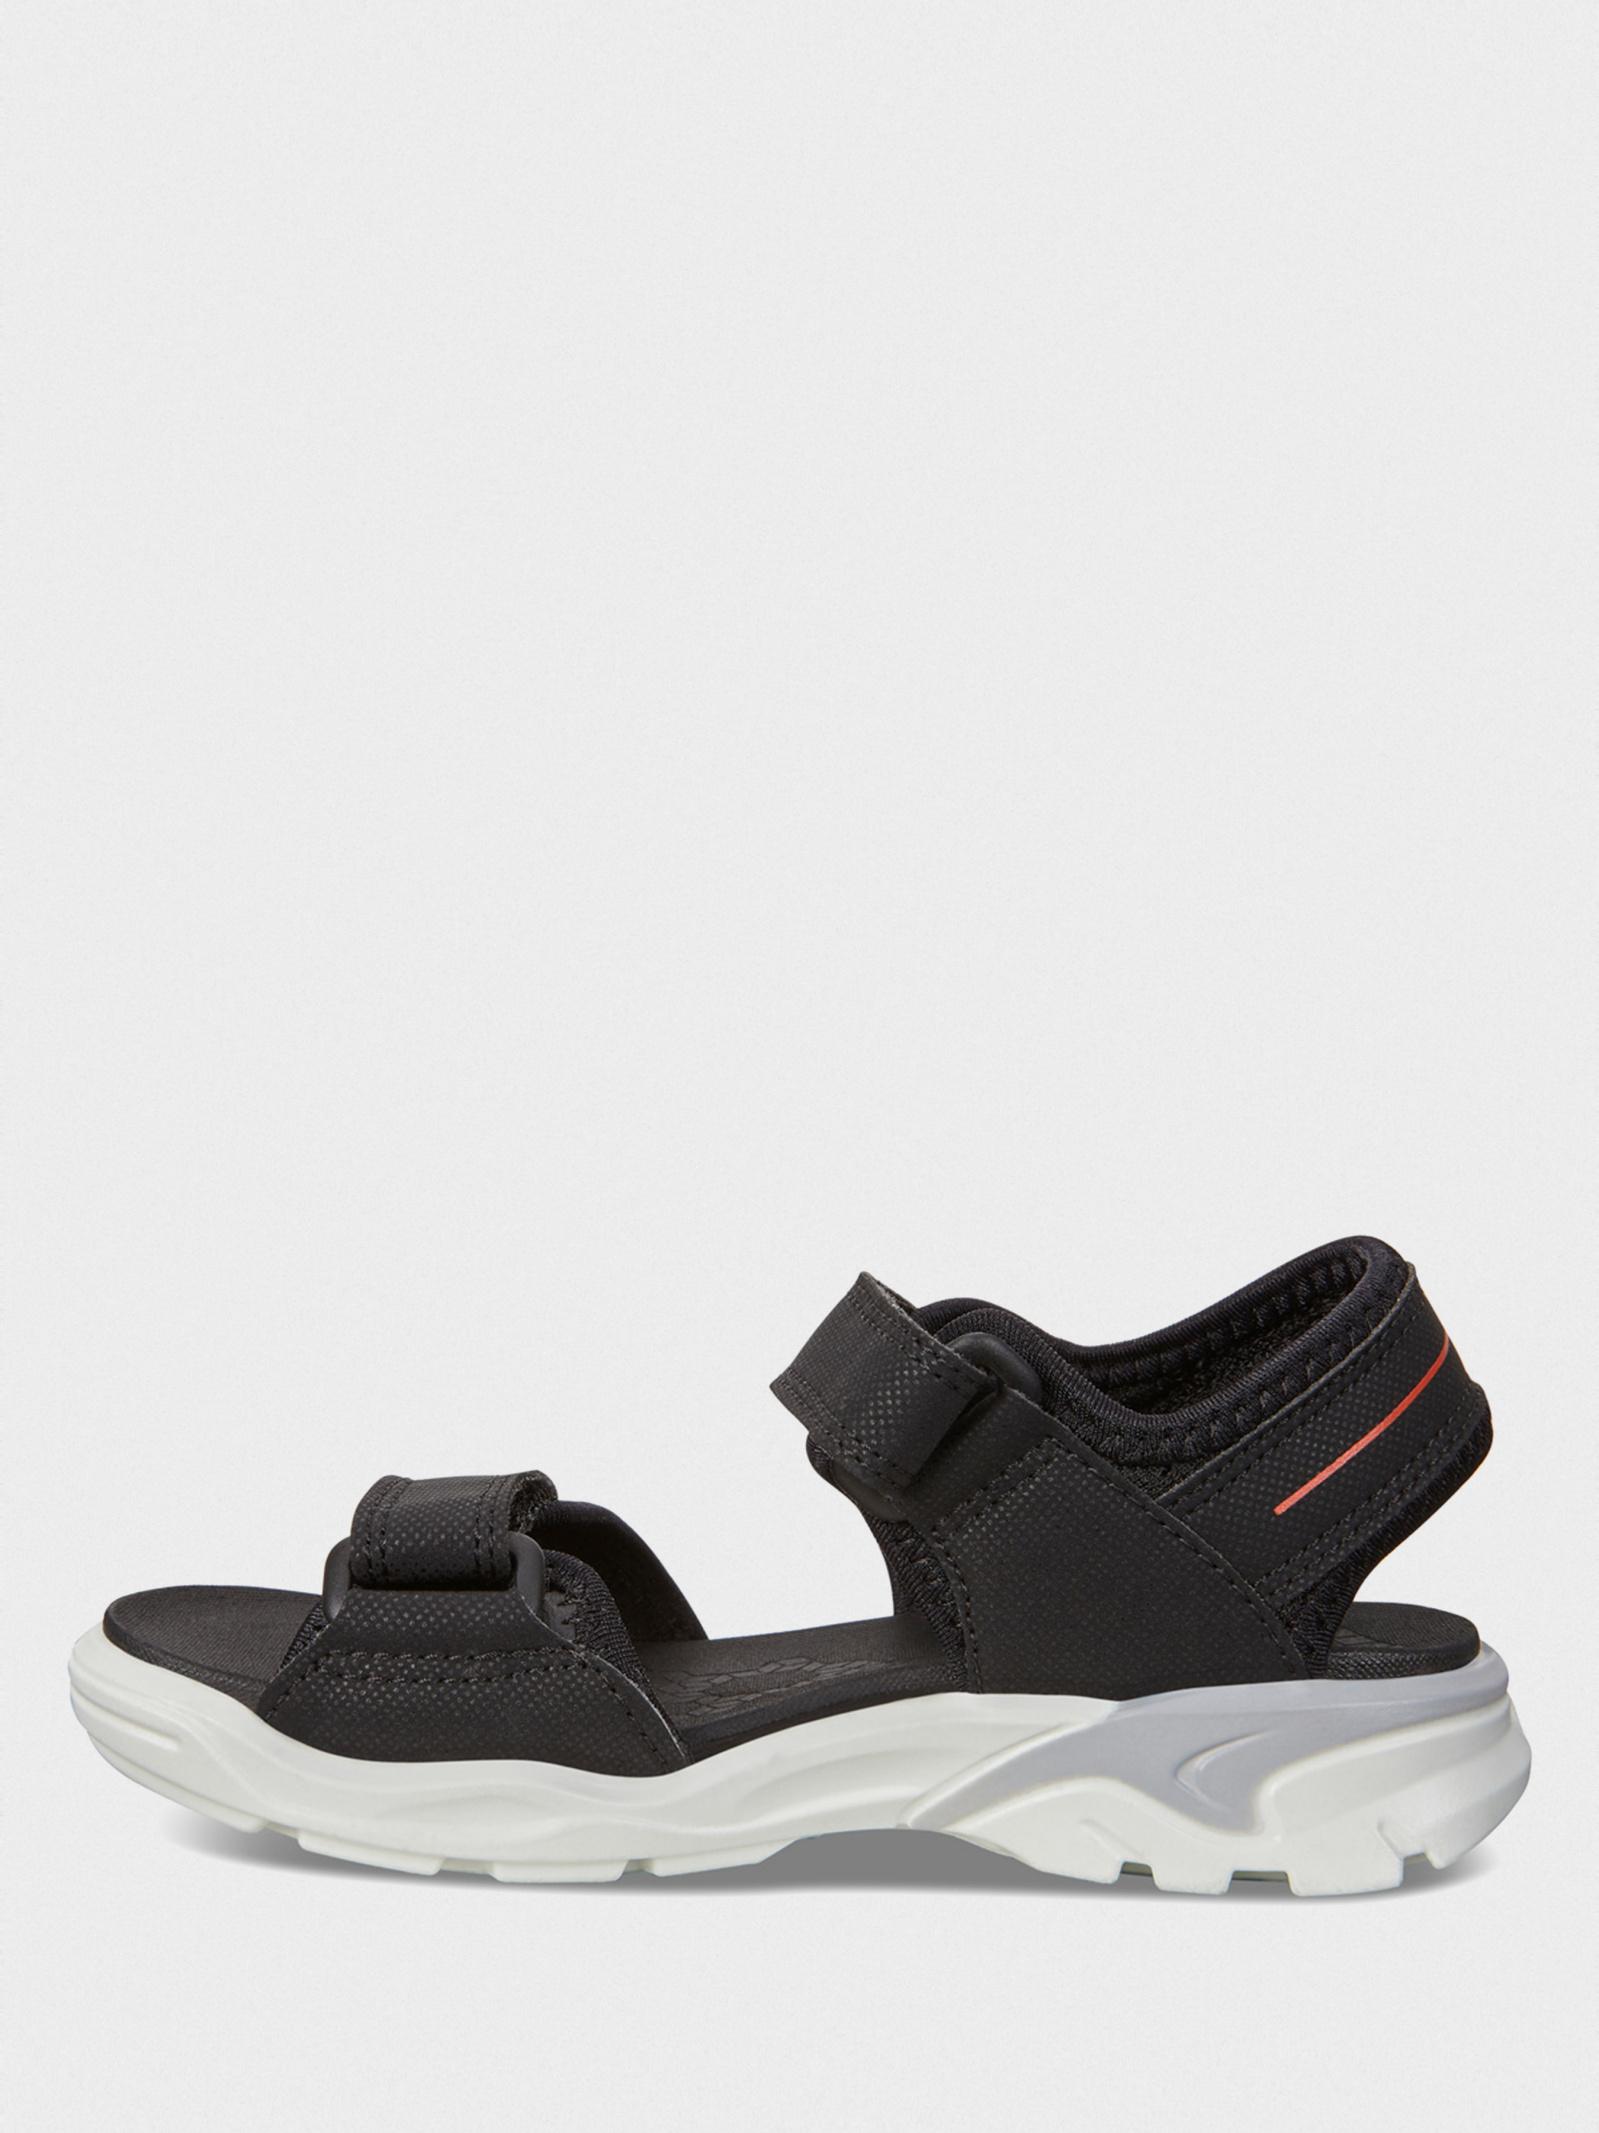 Сандалі  для дітей ECCO 700642(00001) модне взуття, 2017